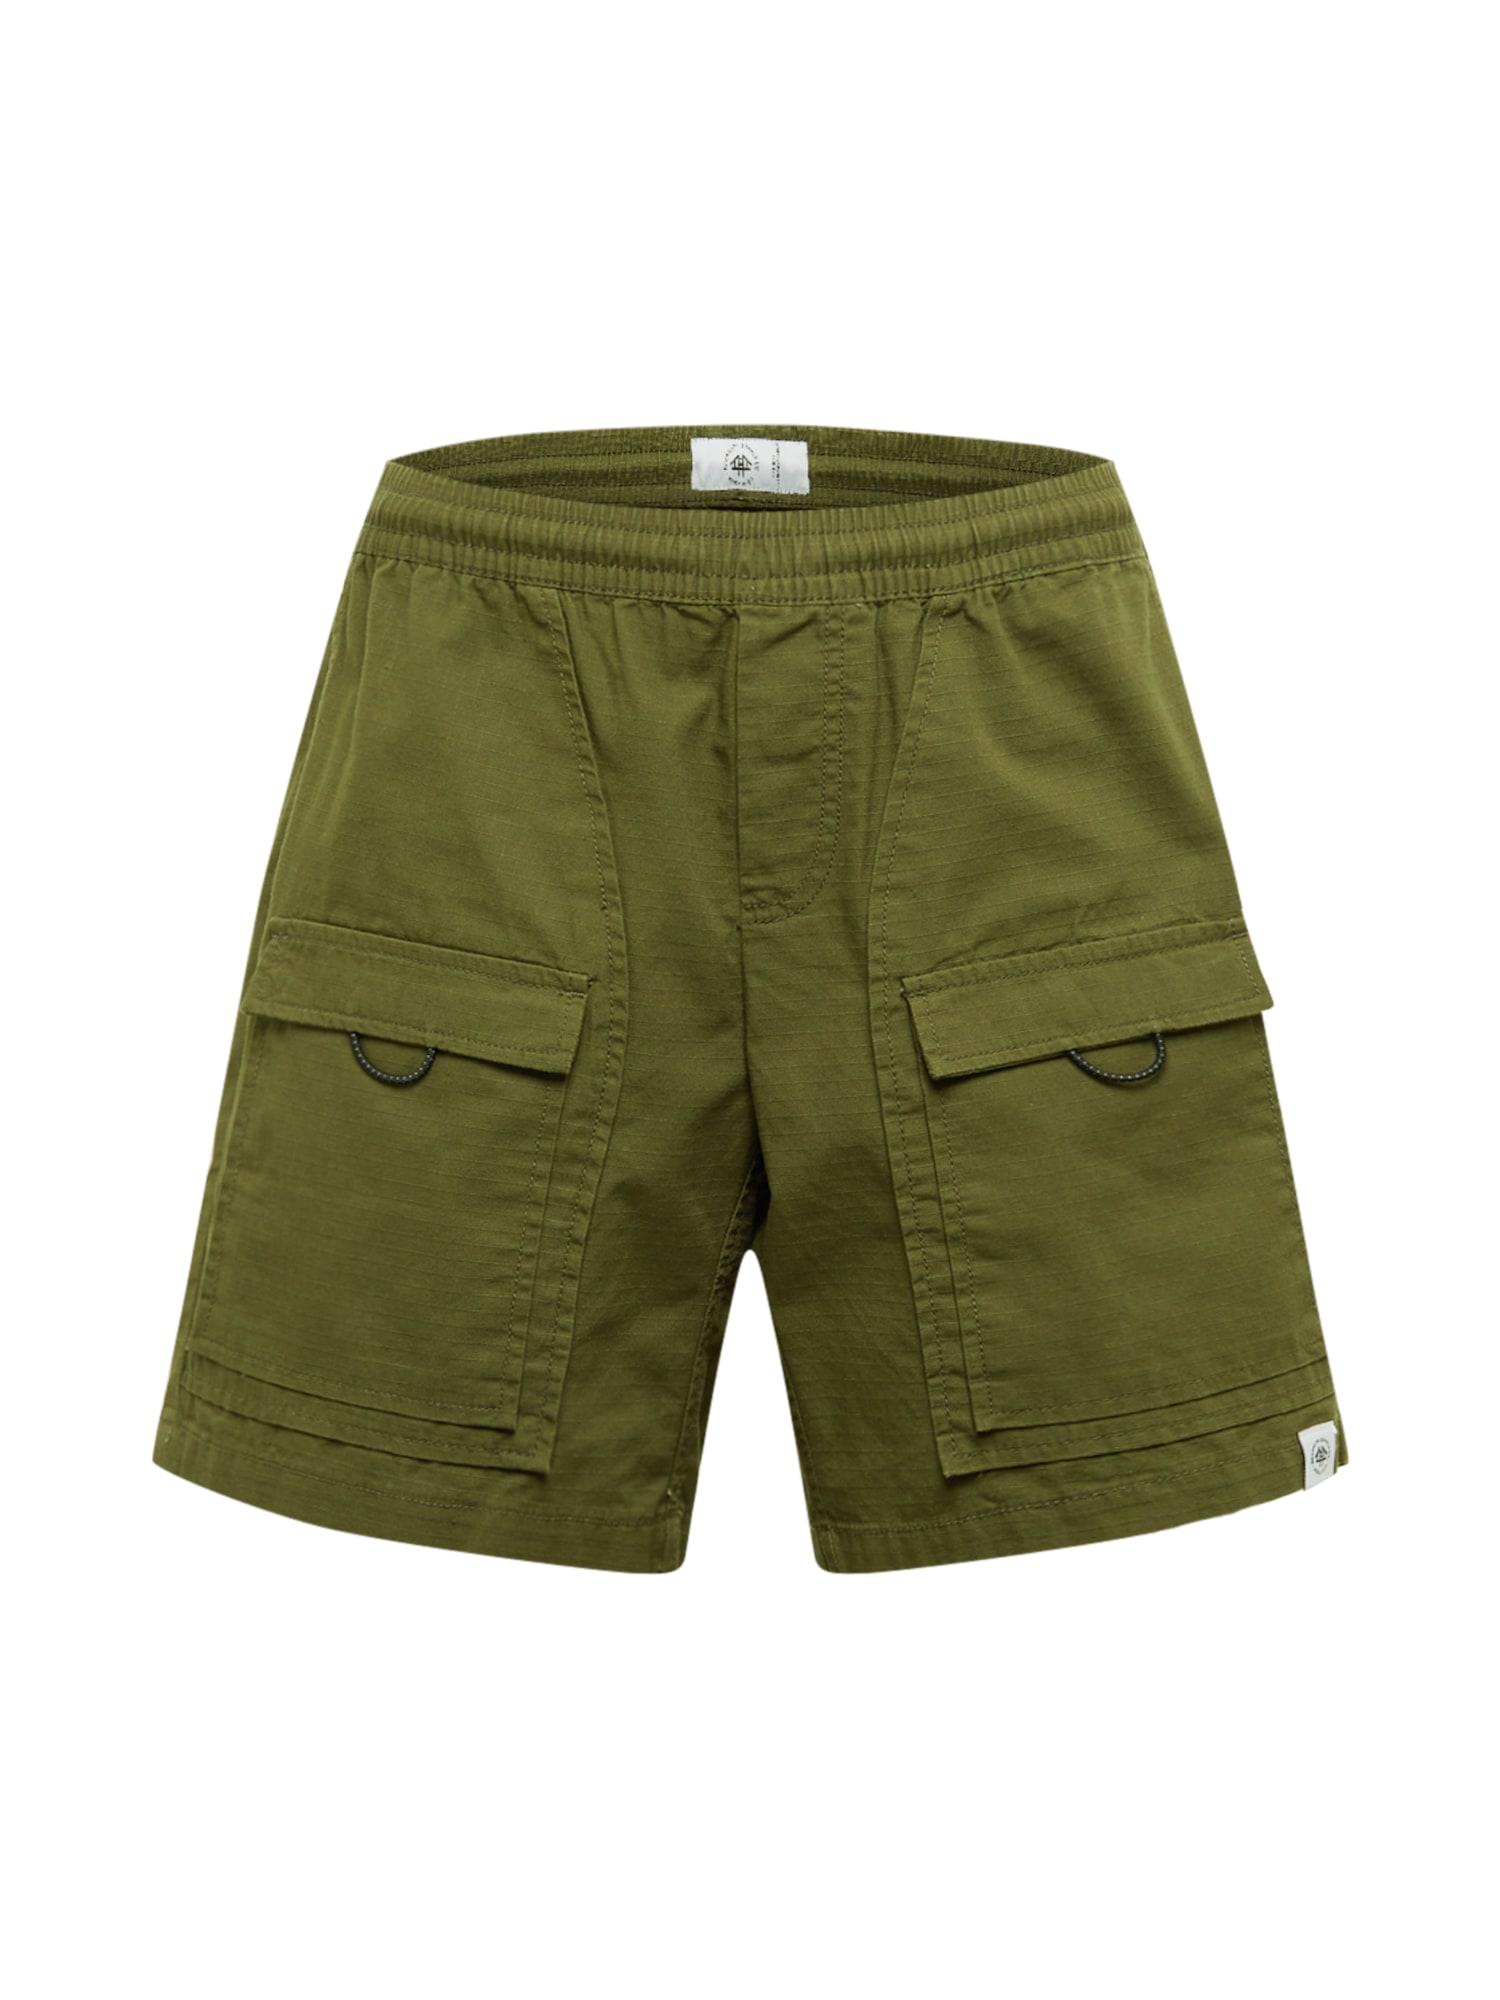 Brooklyn Supply Co. Laisvo stiliaus kelnės 'Utility' rusvai žalia